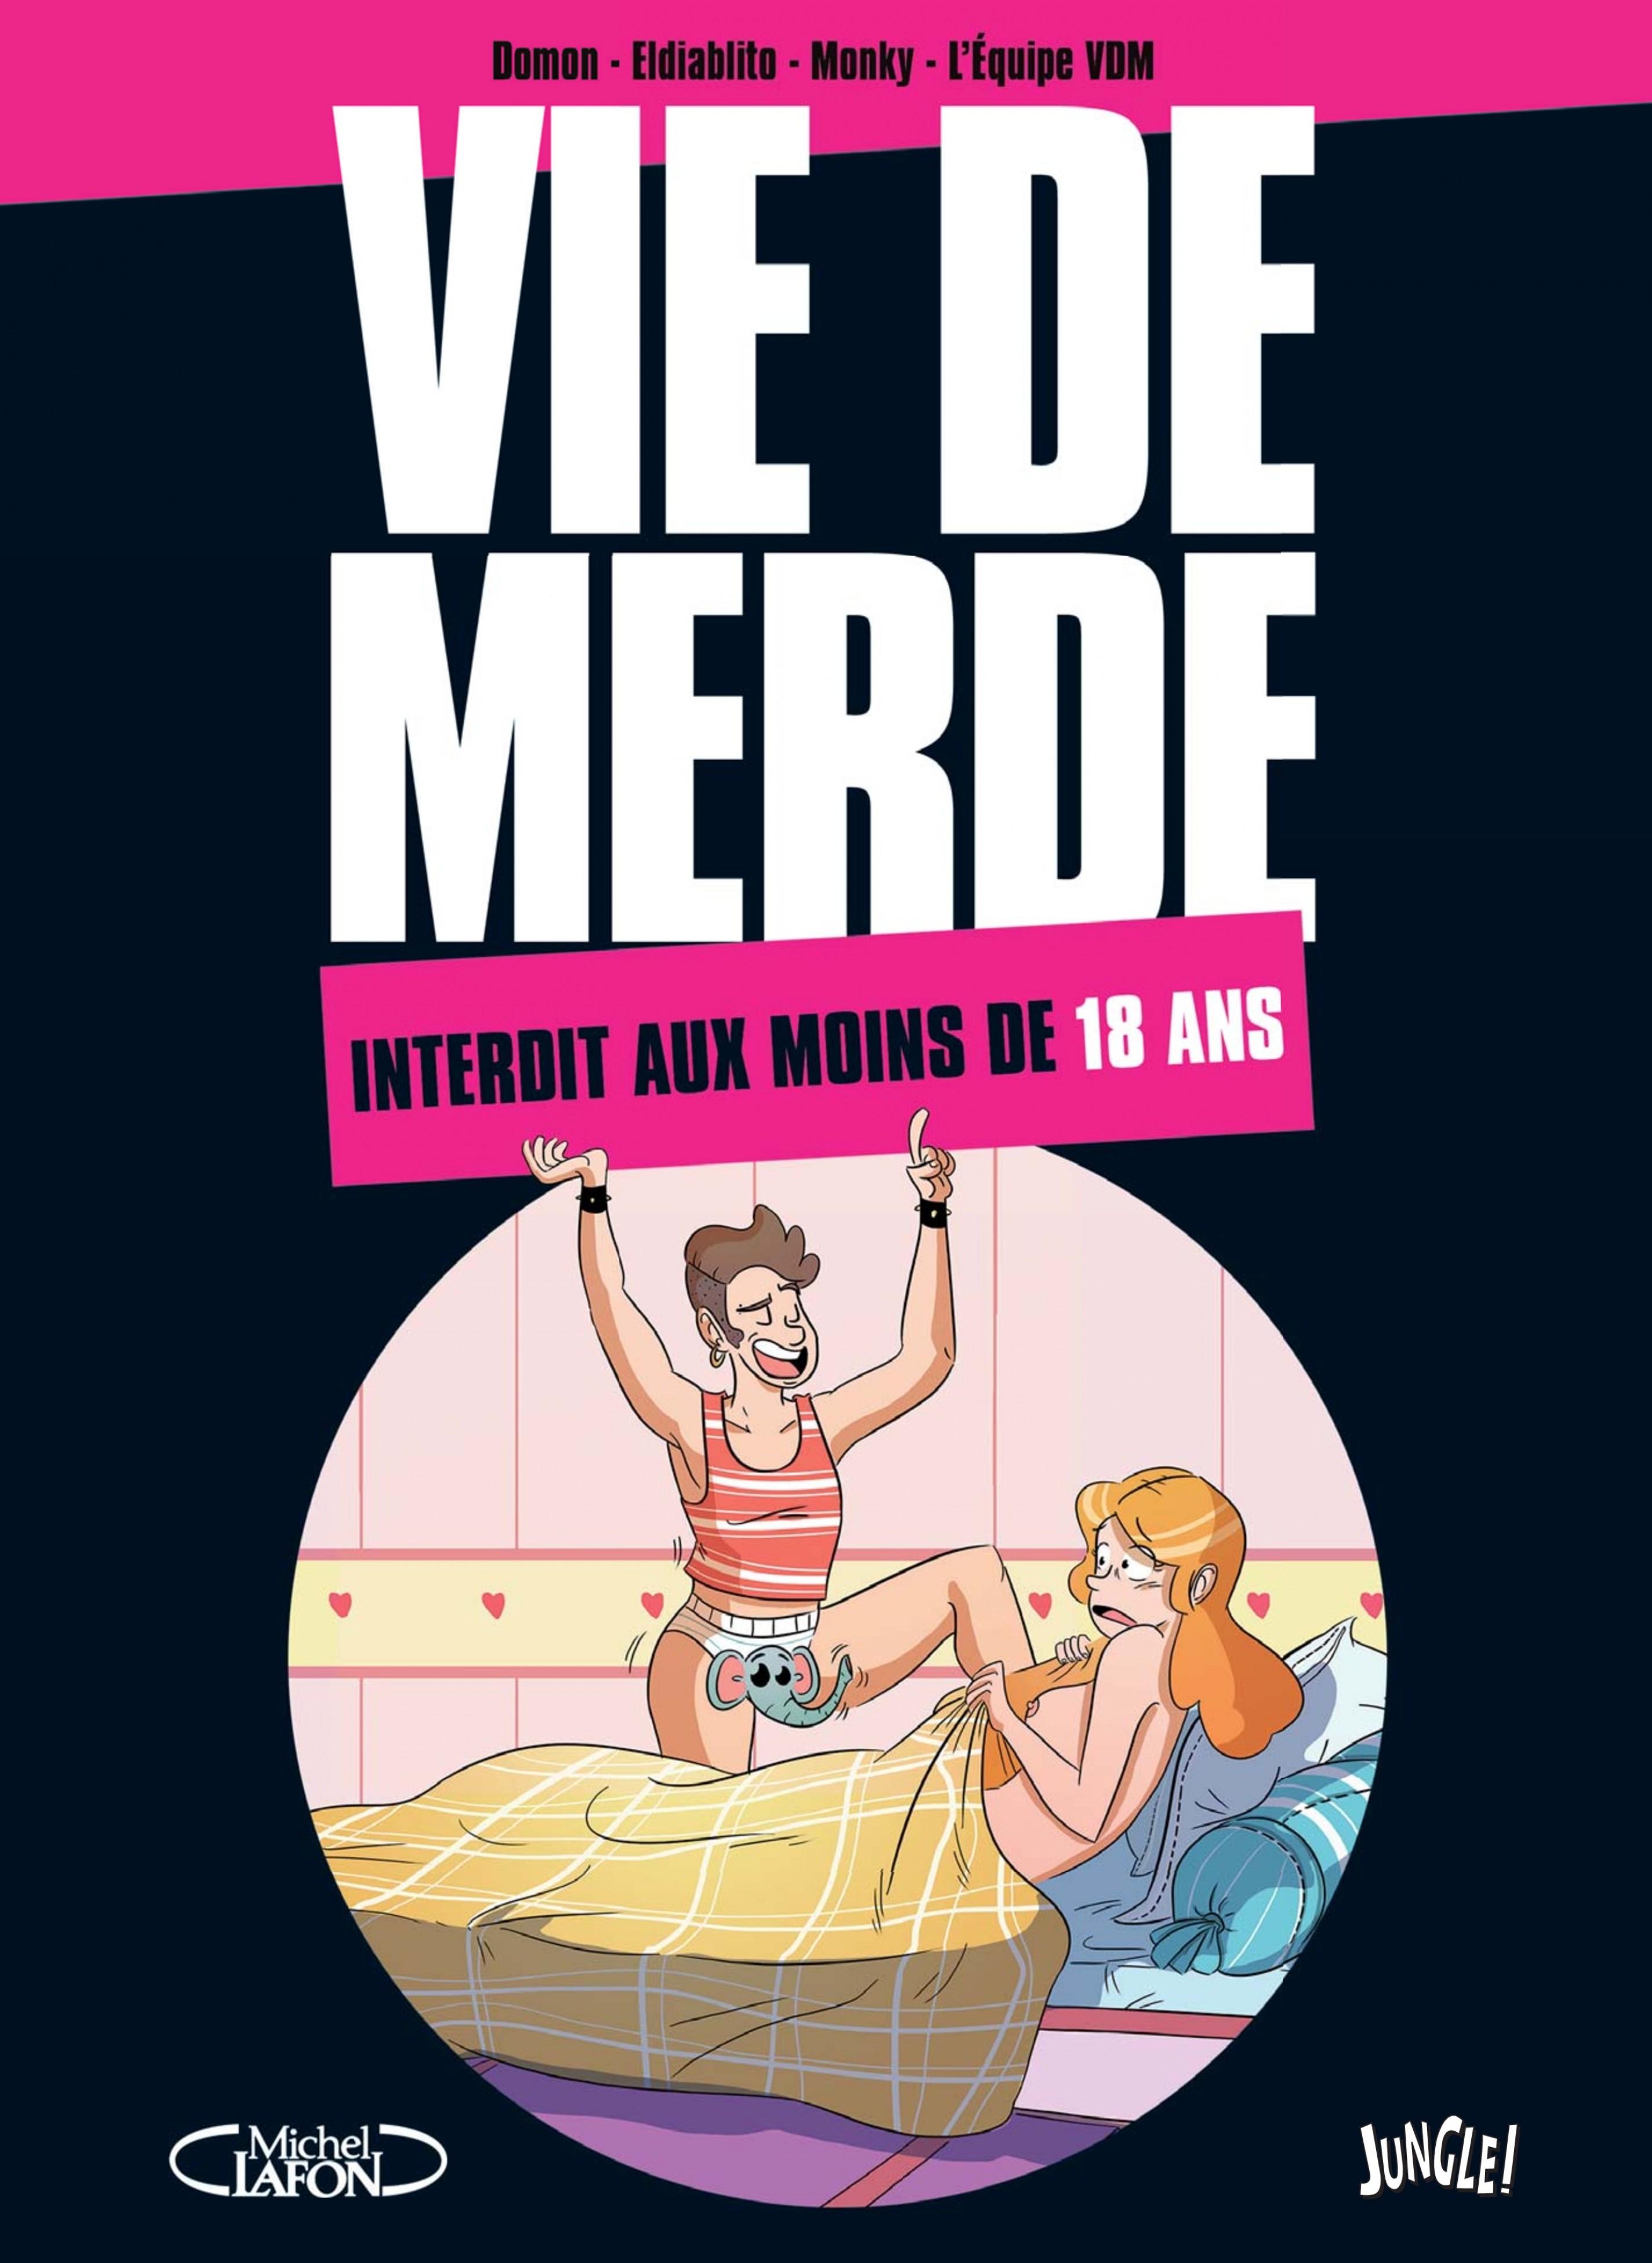 VIE DE MERDE INTERDIT AUX MOINS DE 18 ANS